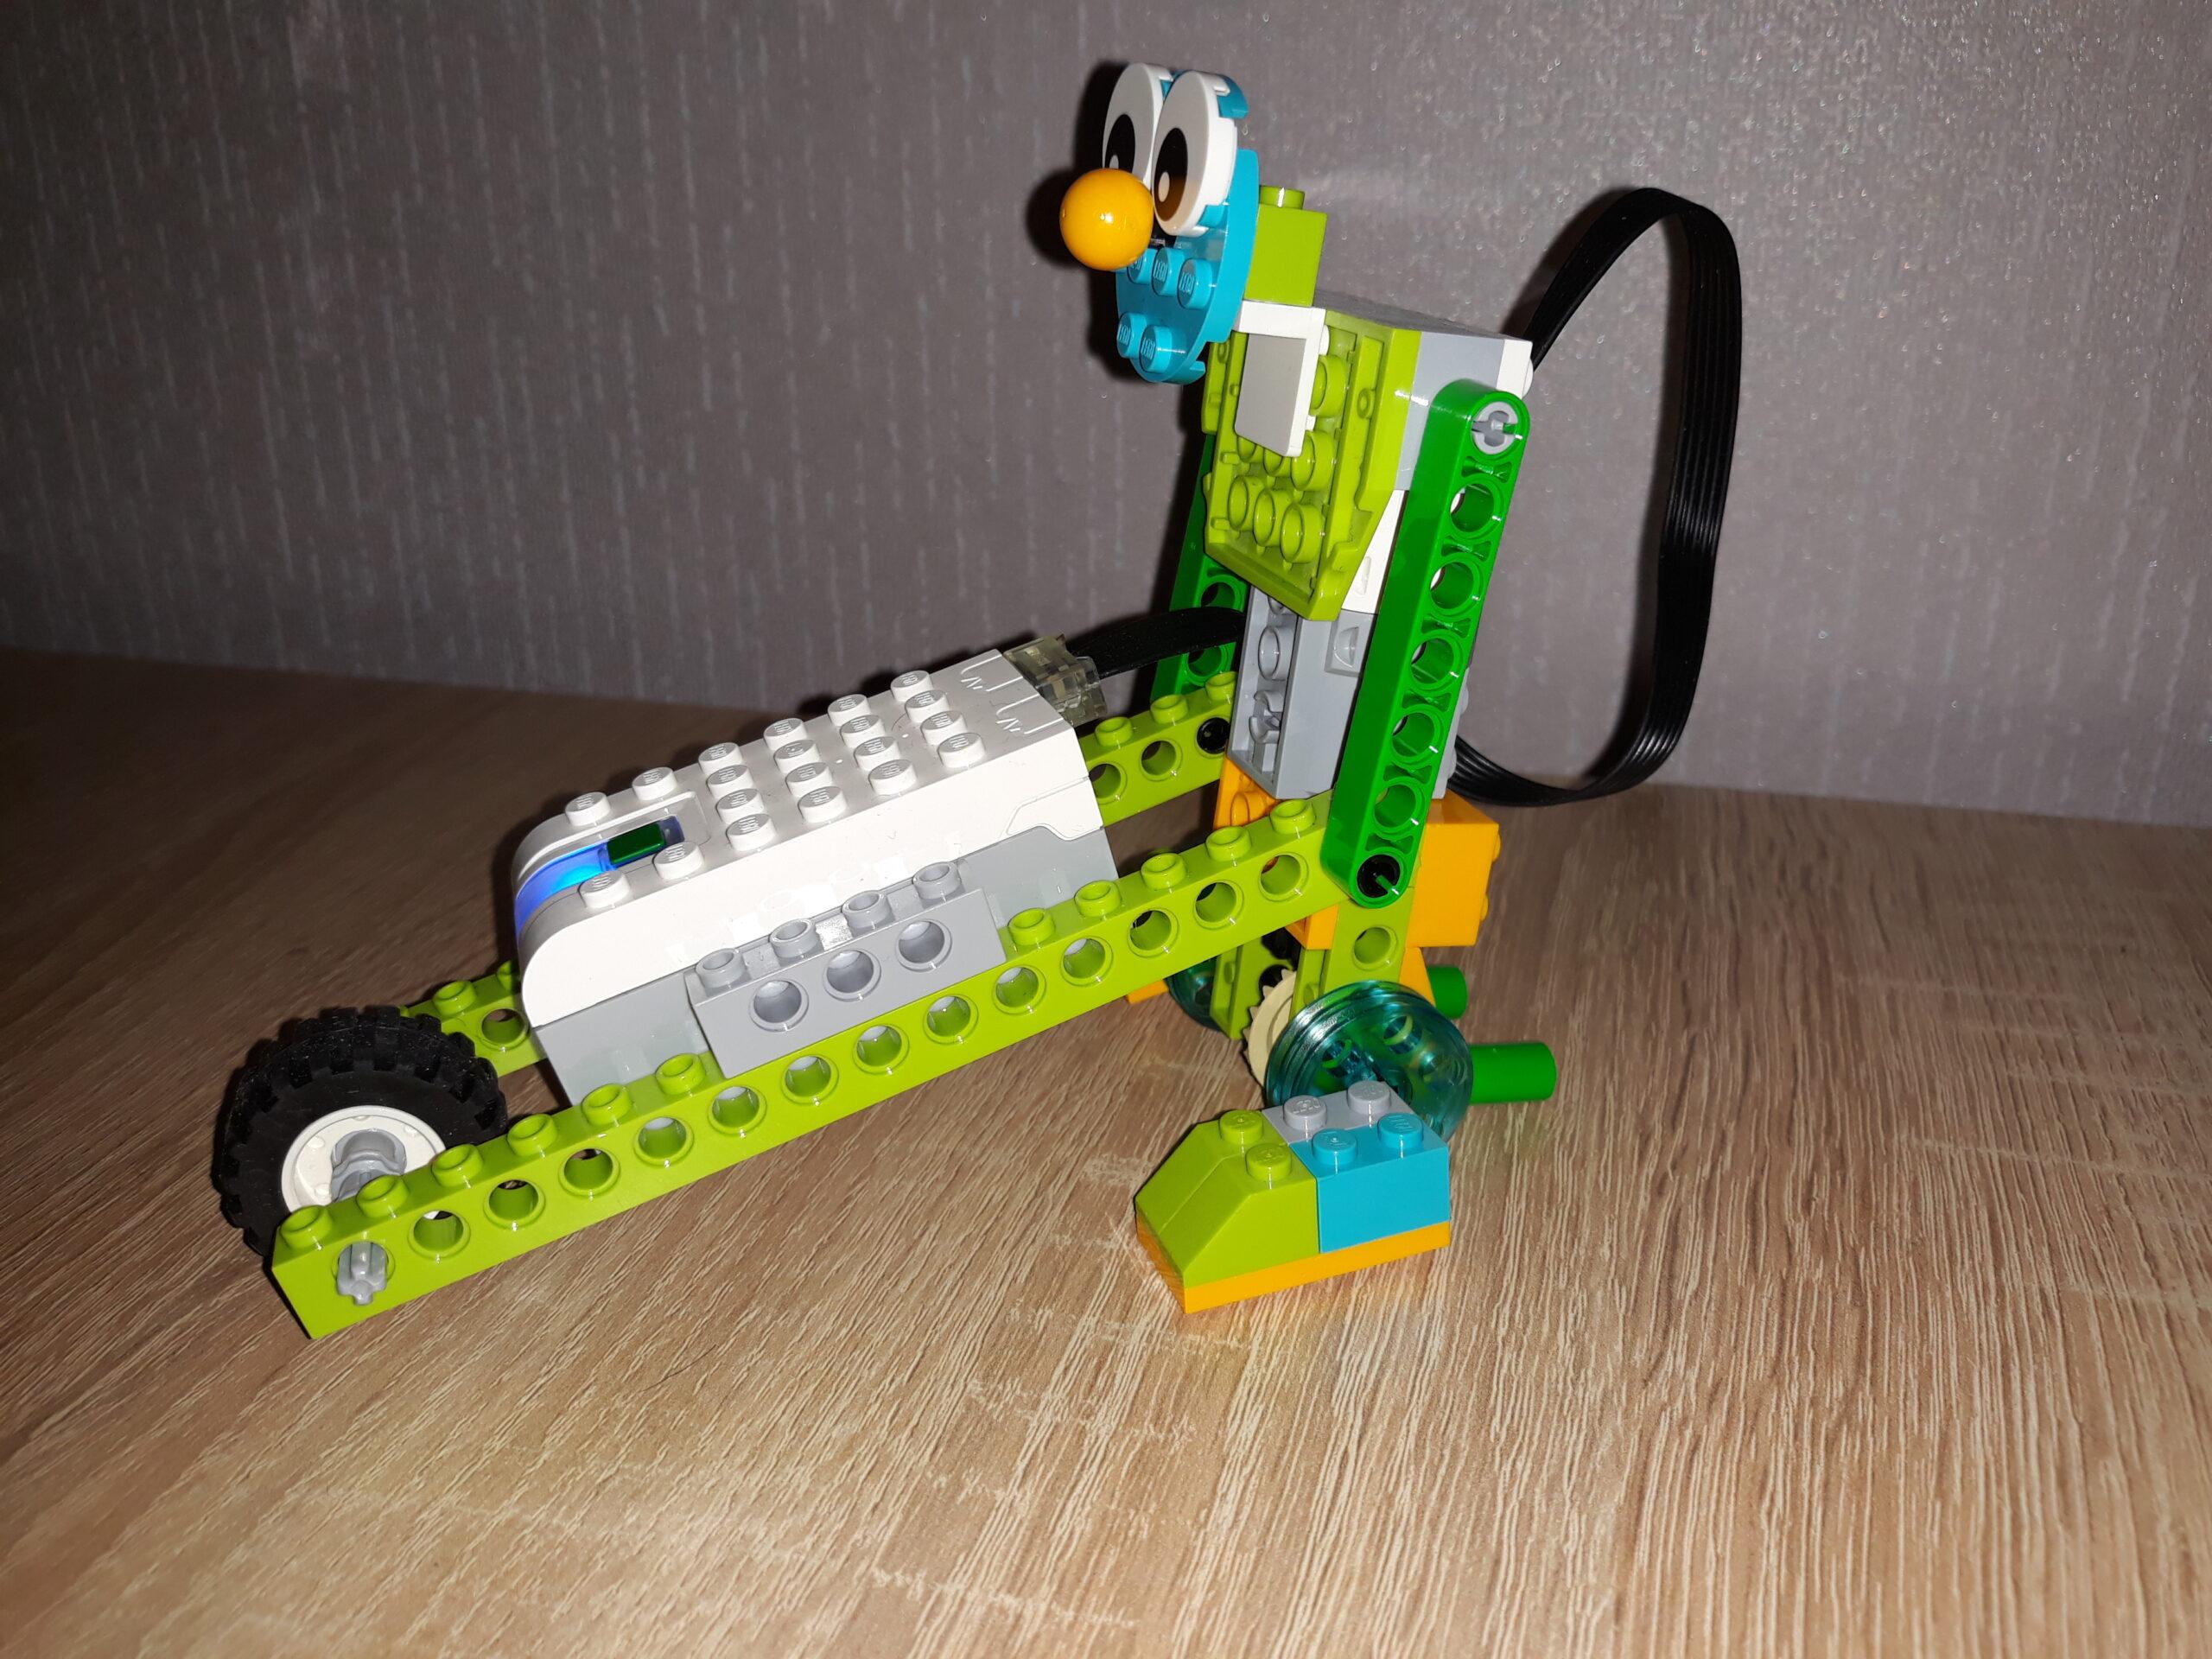 Инструкция по сборке из набора LEGO Education WeDo 2.0 Боб строитель 3